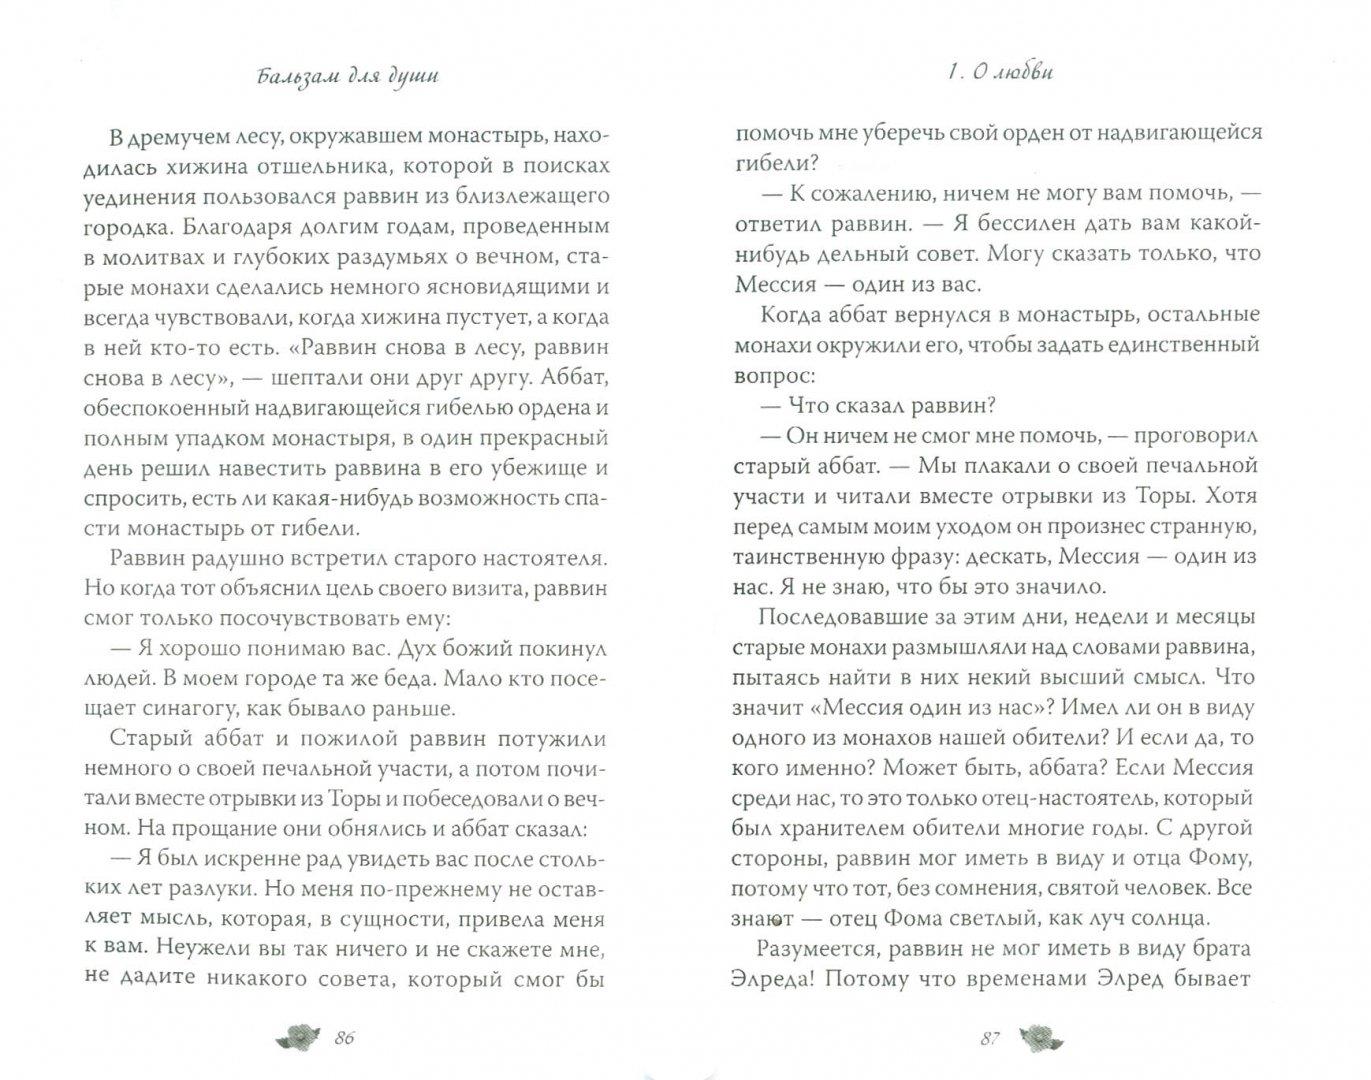 Иллюстрация 1 из 2 для Бальзам для души. Встреча третья - Кэнфилд, Хансен   Лабиринт - книги. Источник: Лабиринт